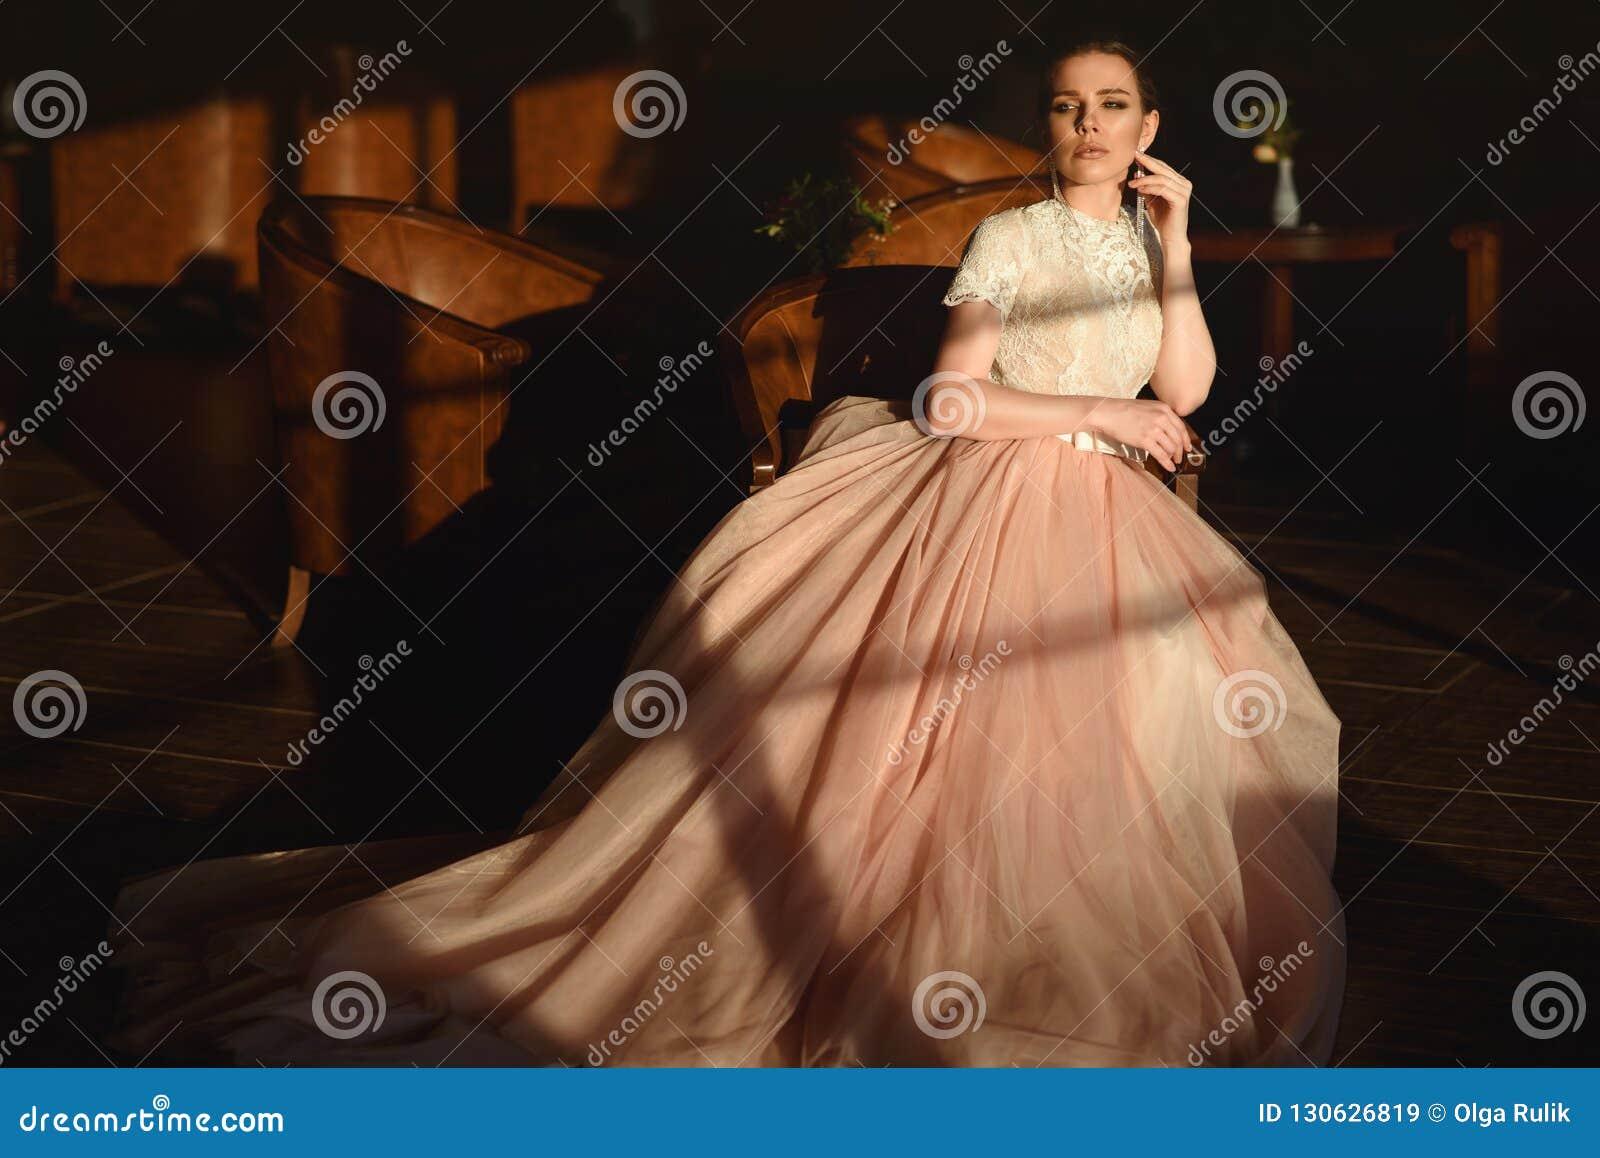 348c3d4f63e3d2 Jeune Mariée Magnifique Dans La Robe L'épousant Gonflée Luxueuse ...